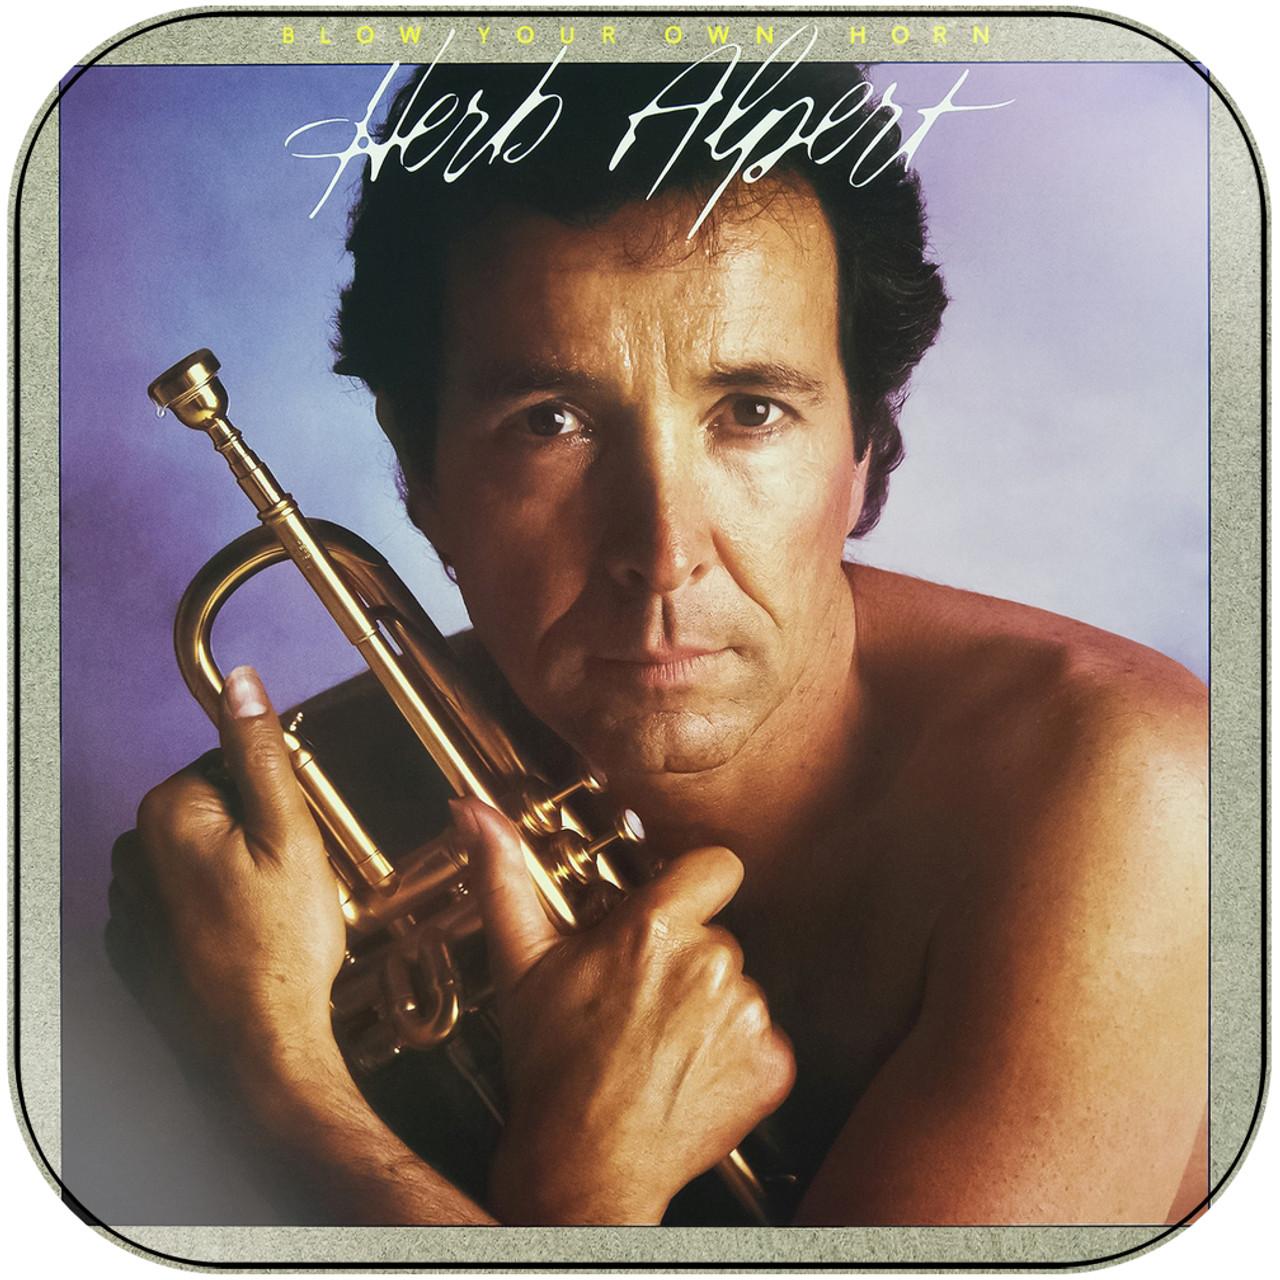 Herb Alpert Album